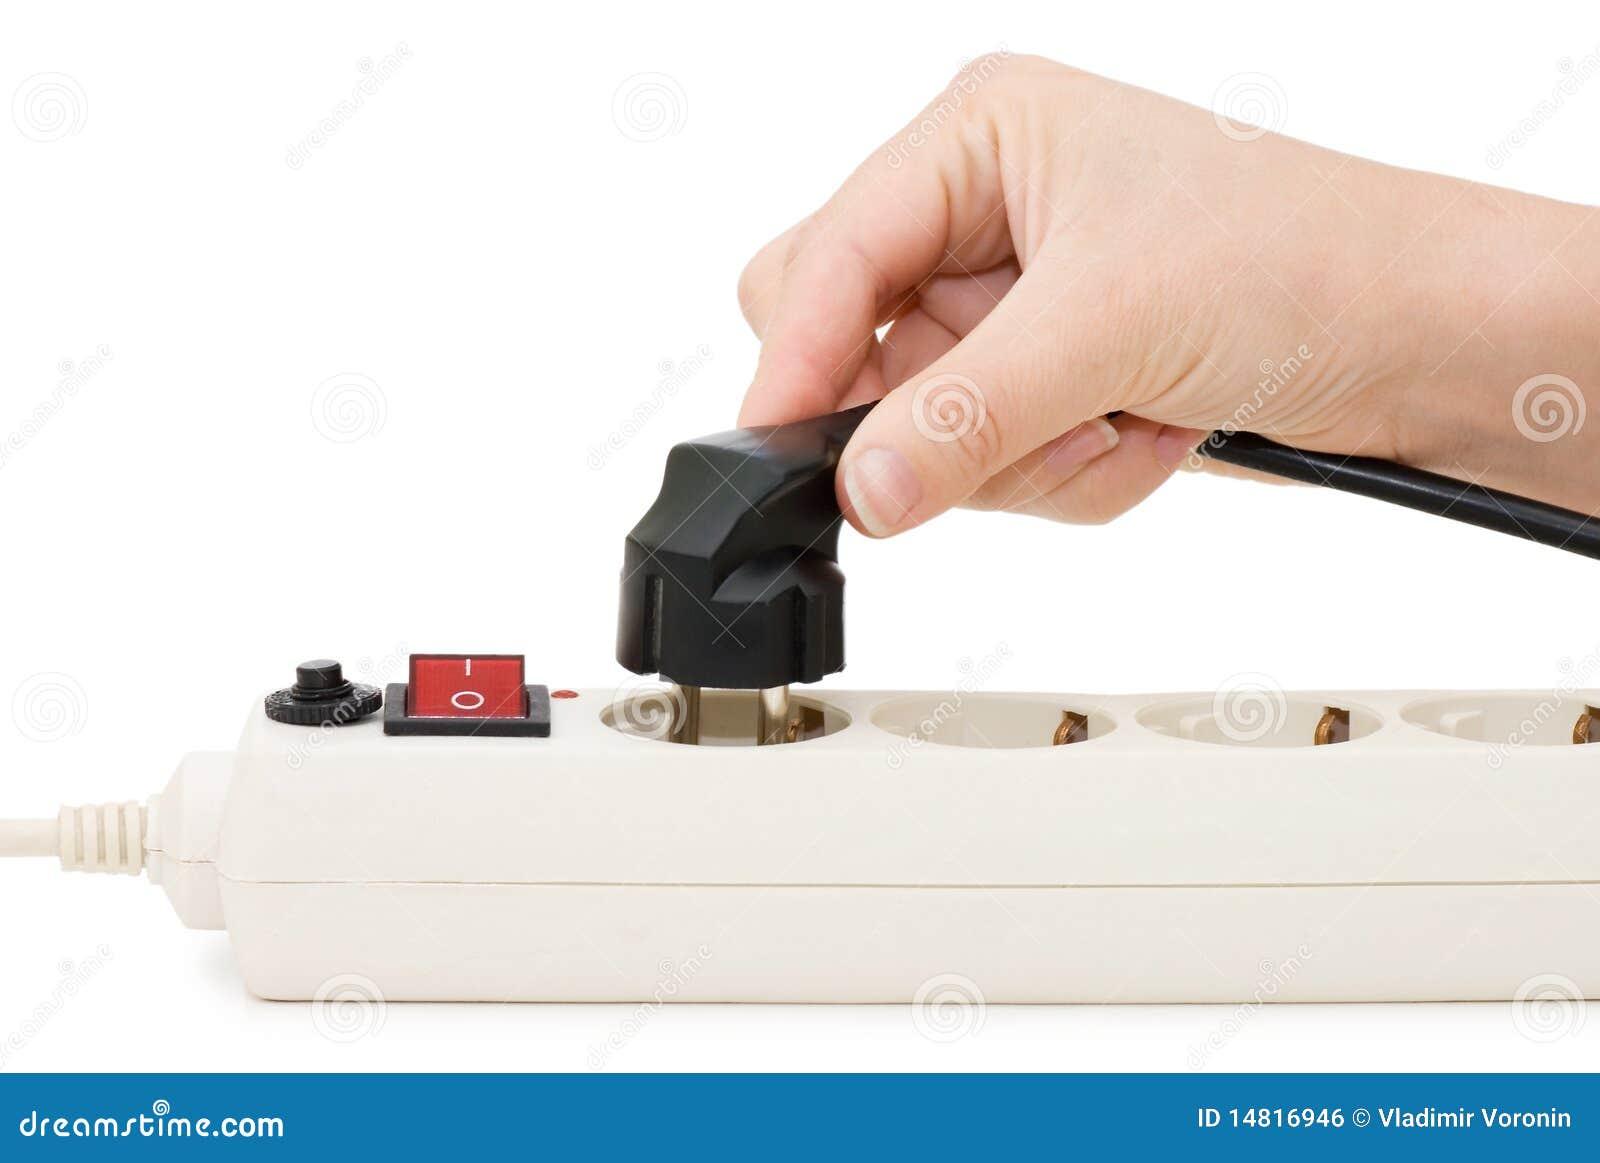 Main avec une fiche électrique et un plot